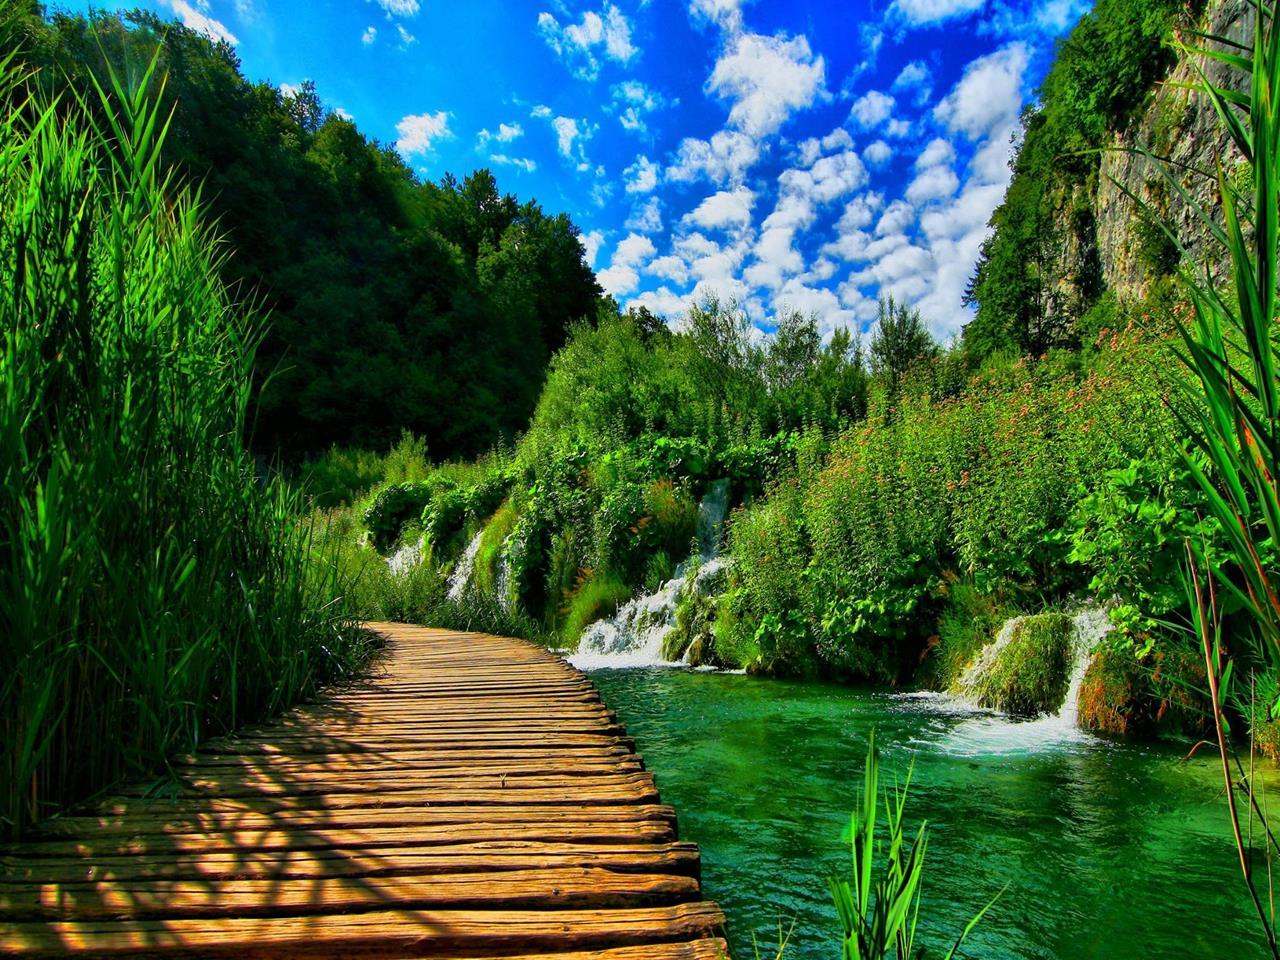 Inspiring Nature Photography